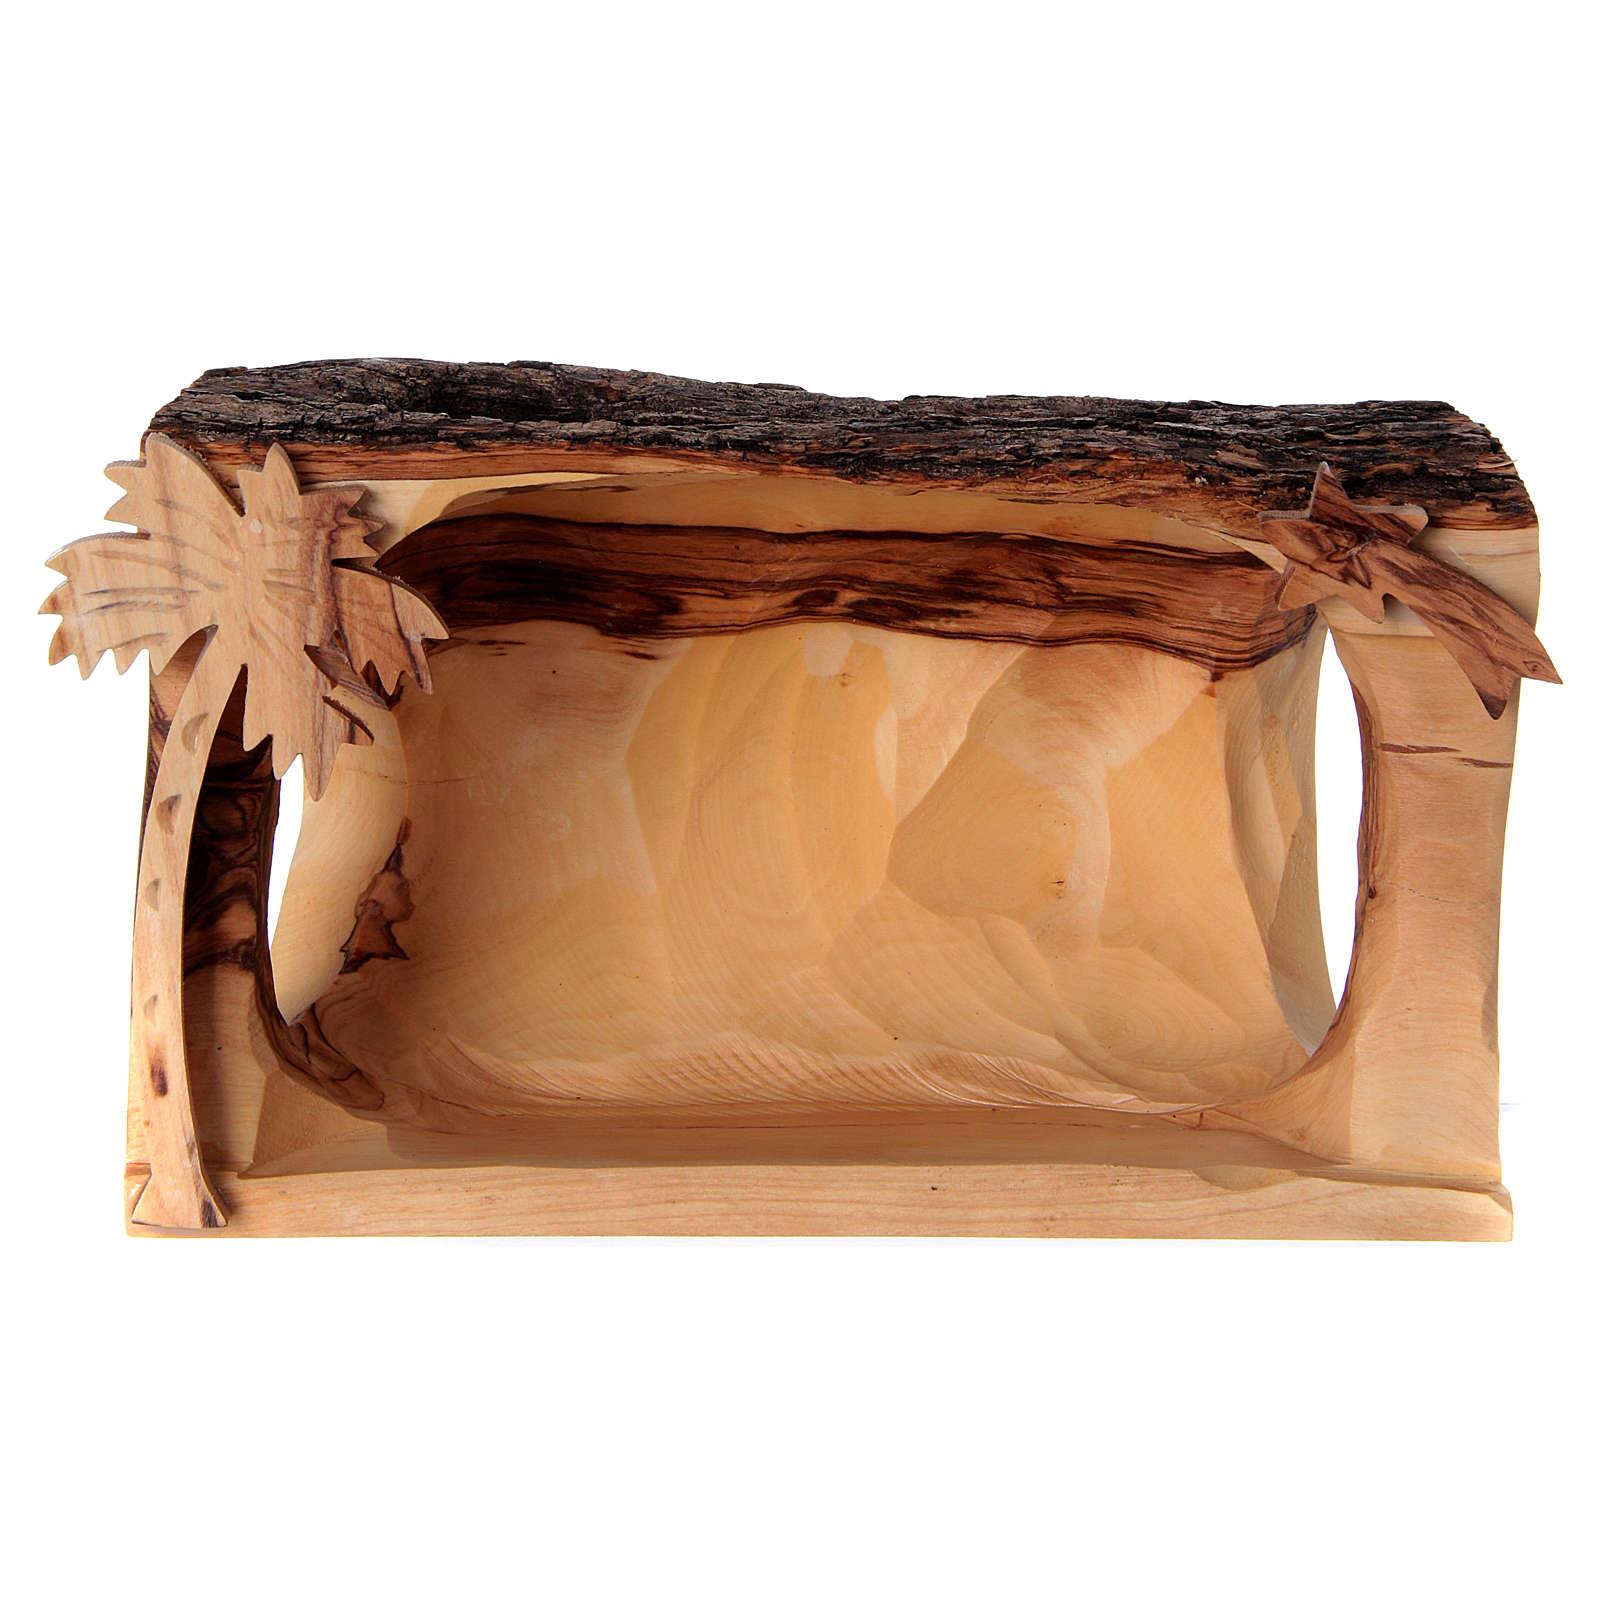 Cabaña con Natividad de madera de olivo Belén 10x20x10 cm 4